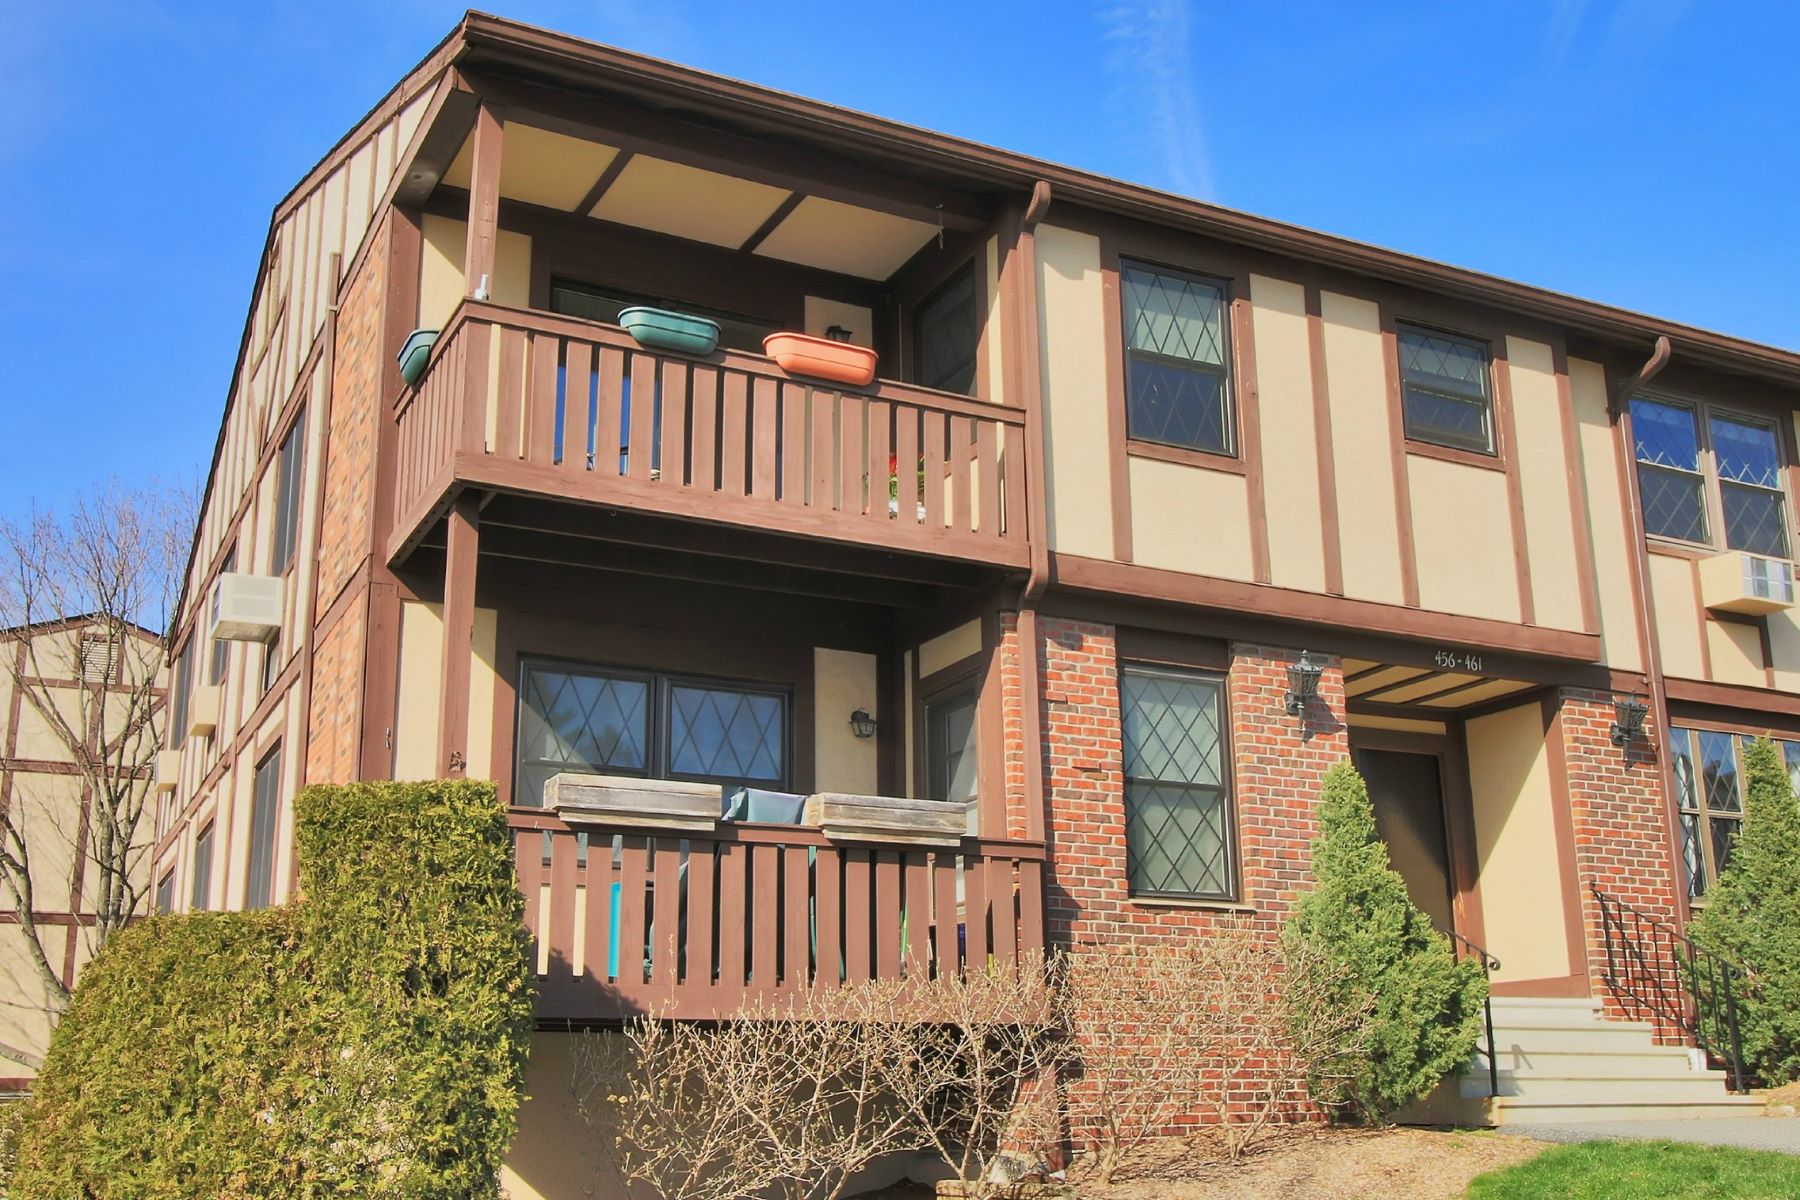 Condominium for Sale at Pristine Sierra Vista Condo 459 Sierra Vista Lane Valley Cottage, New York, 10989 United States